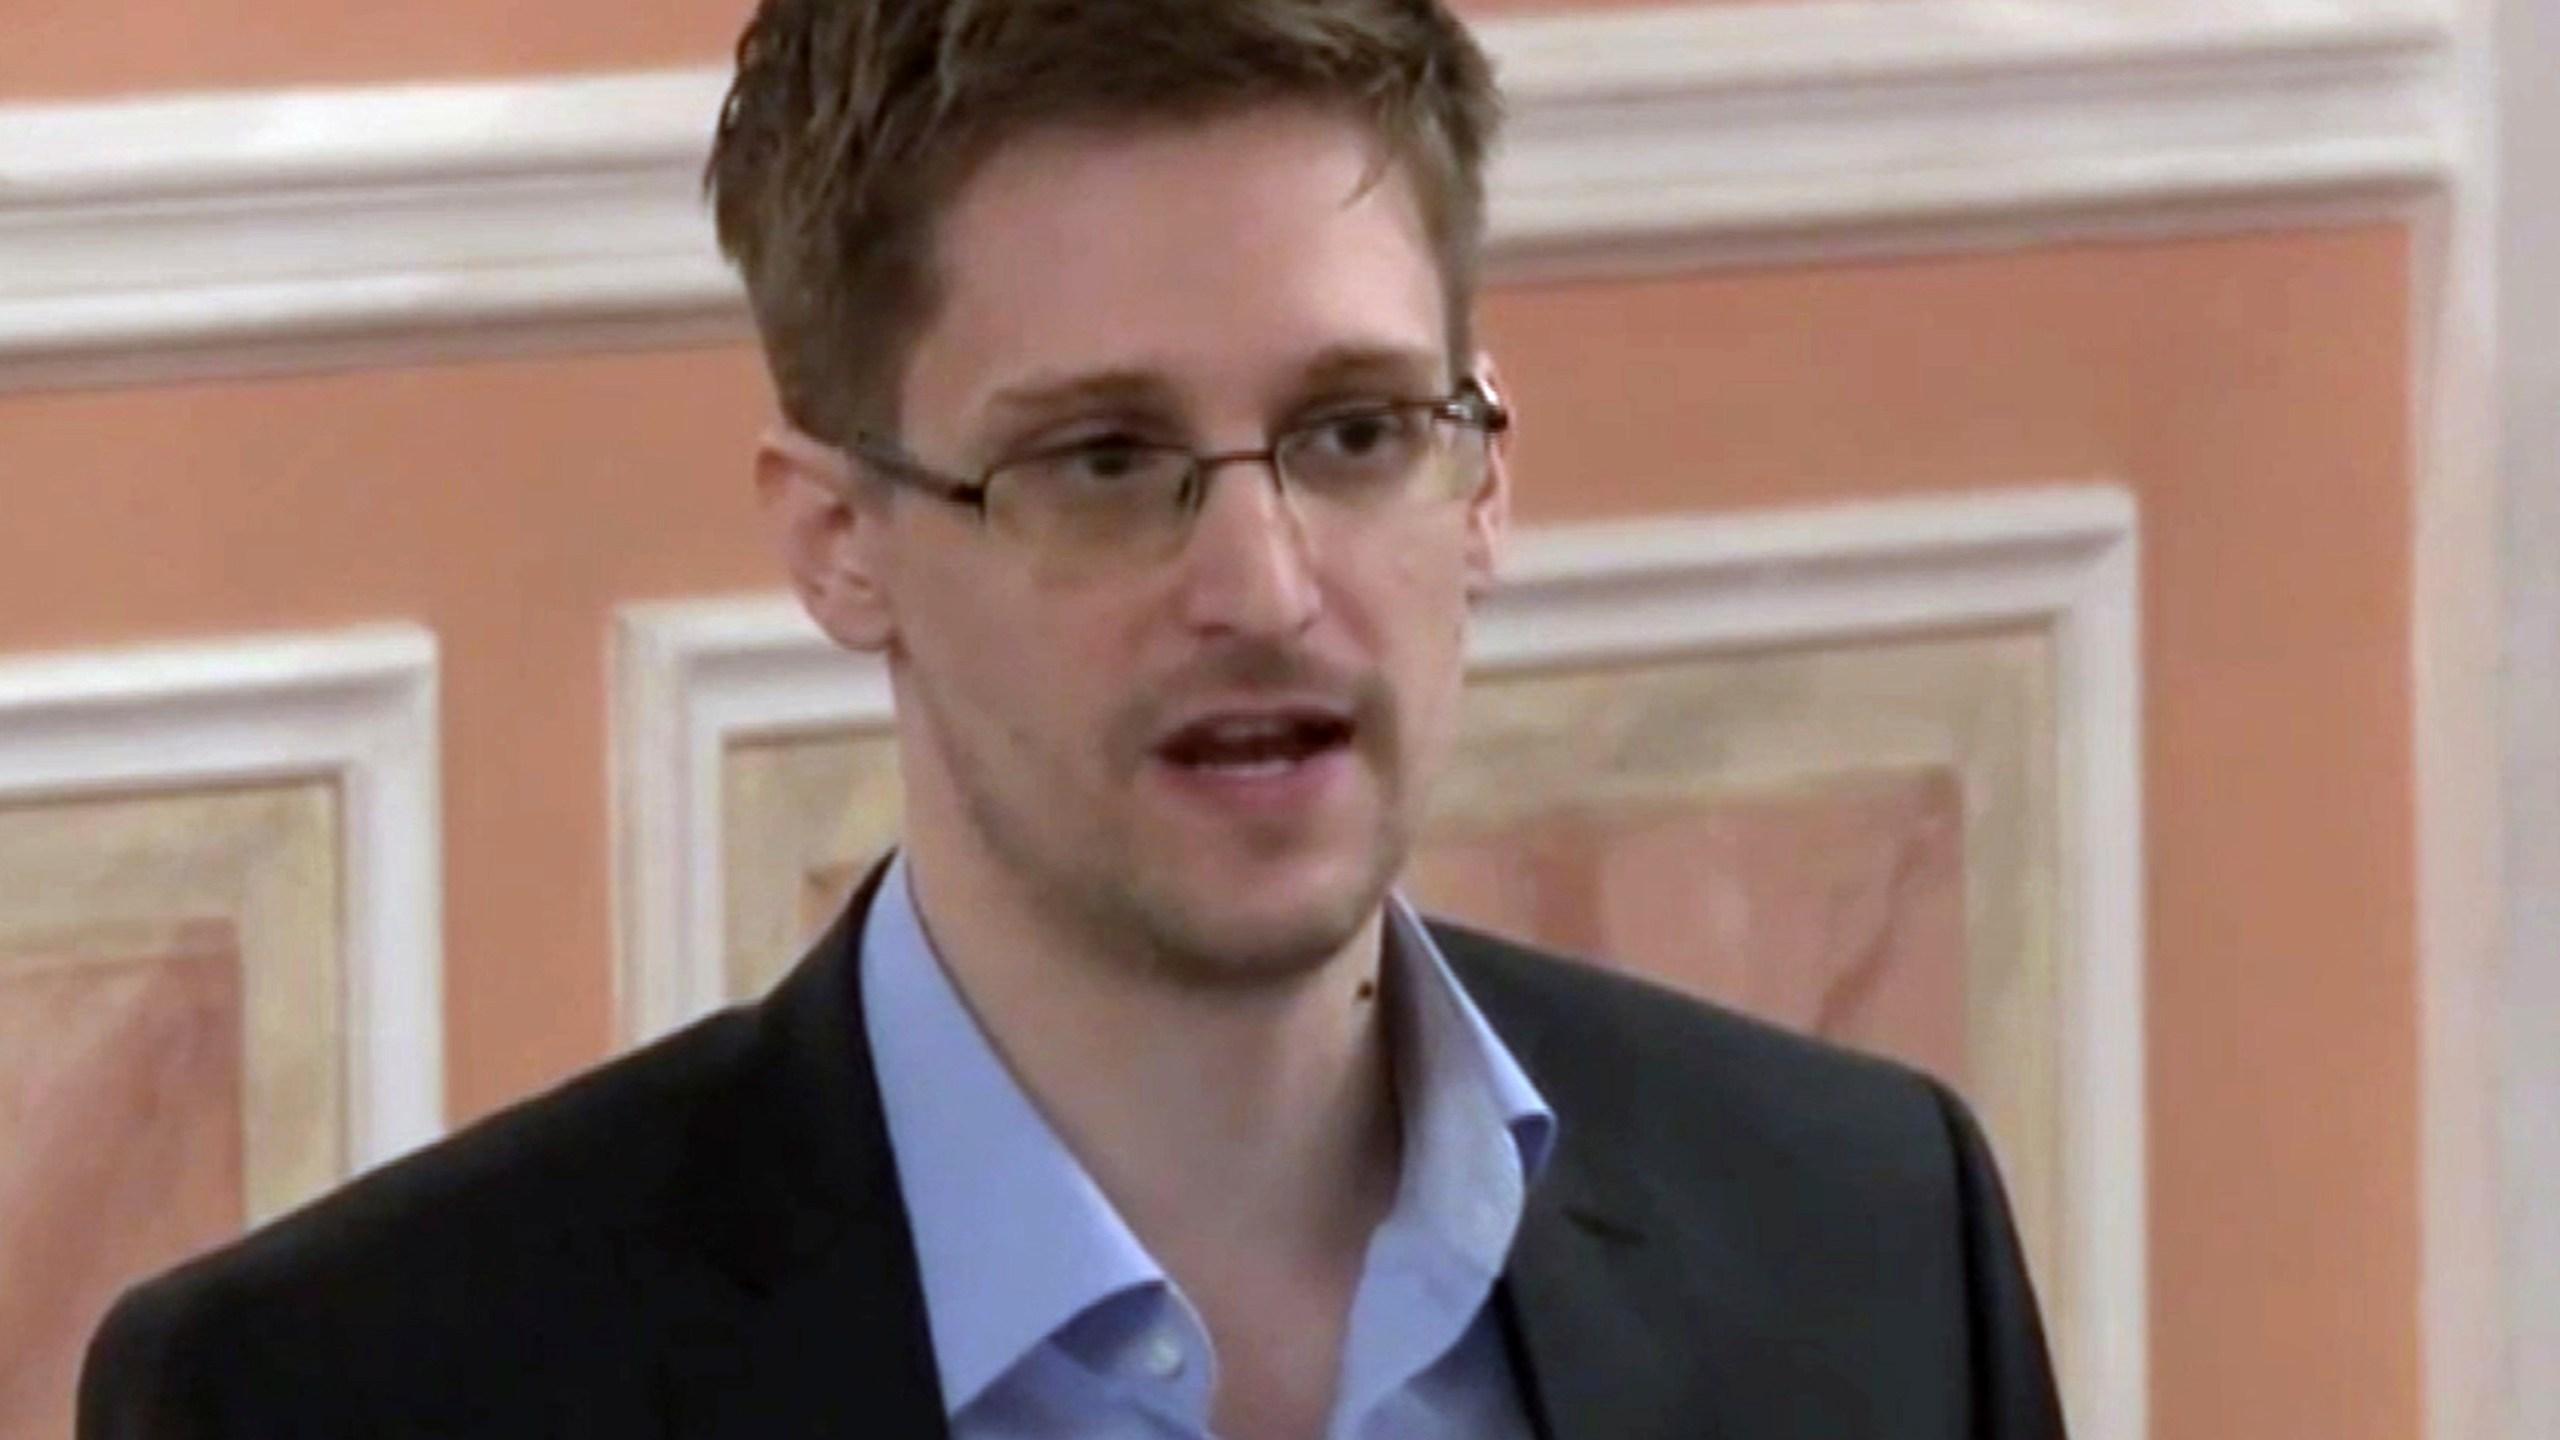 Snowden_Five_Years_On_42350-159532.jpg69359673